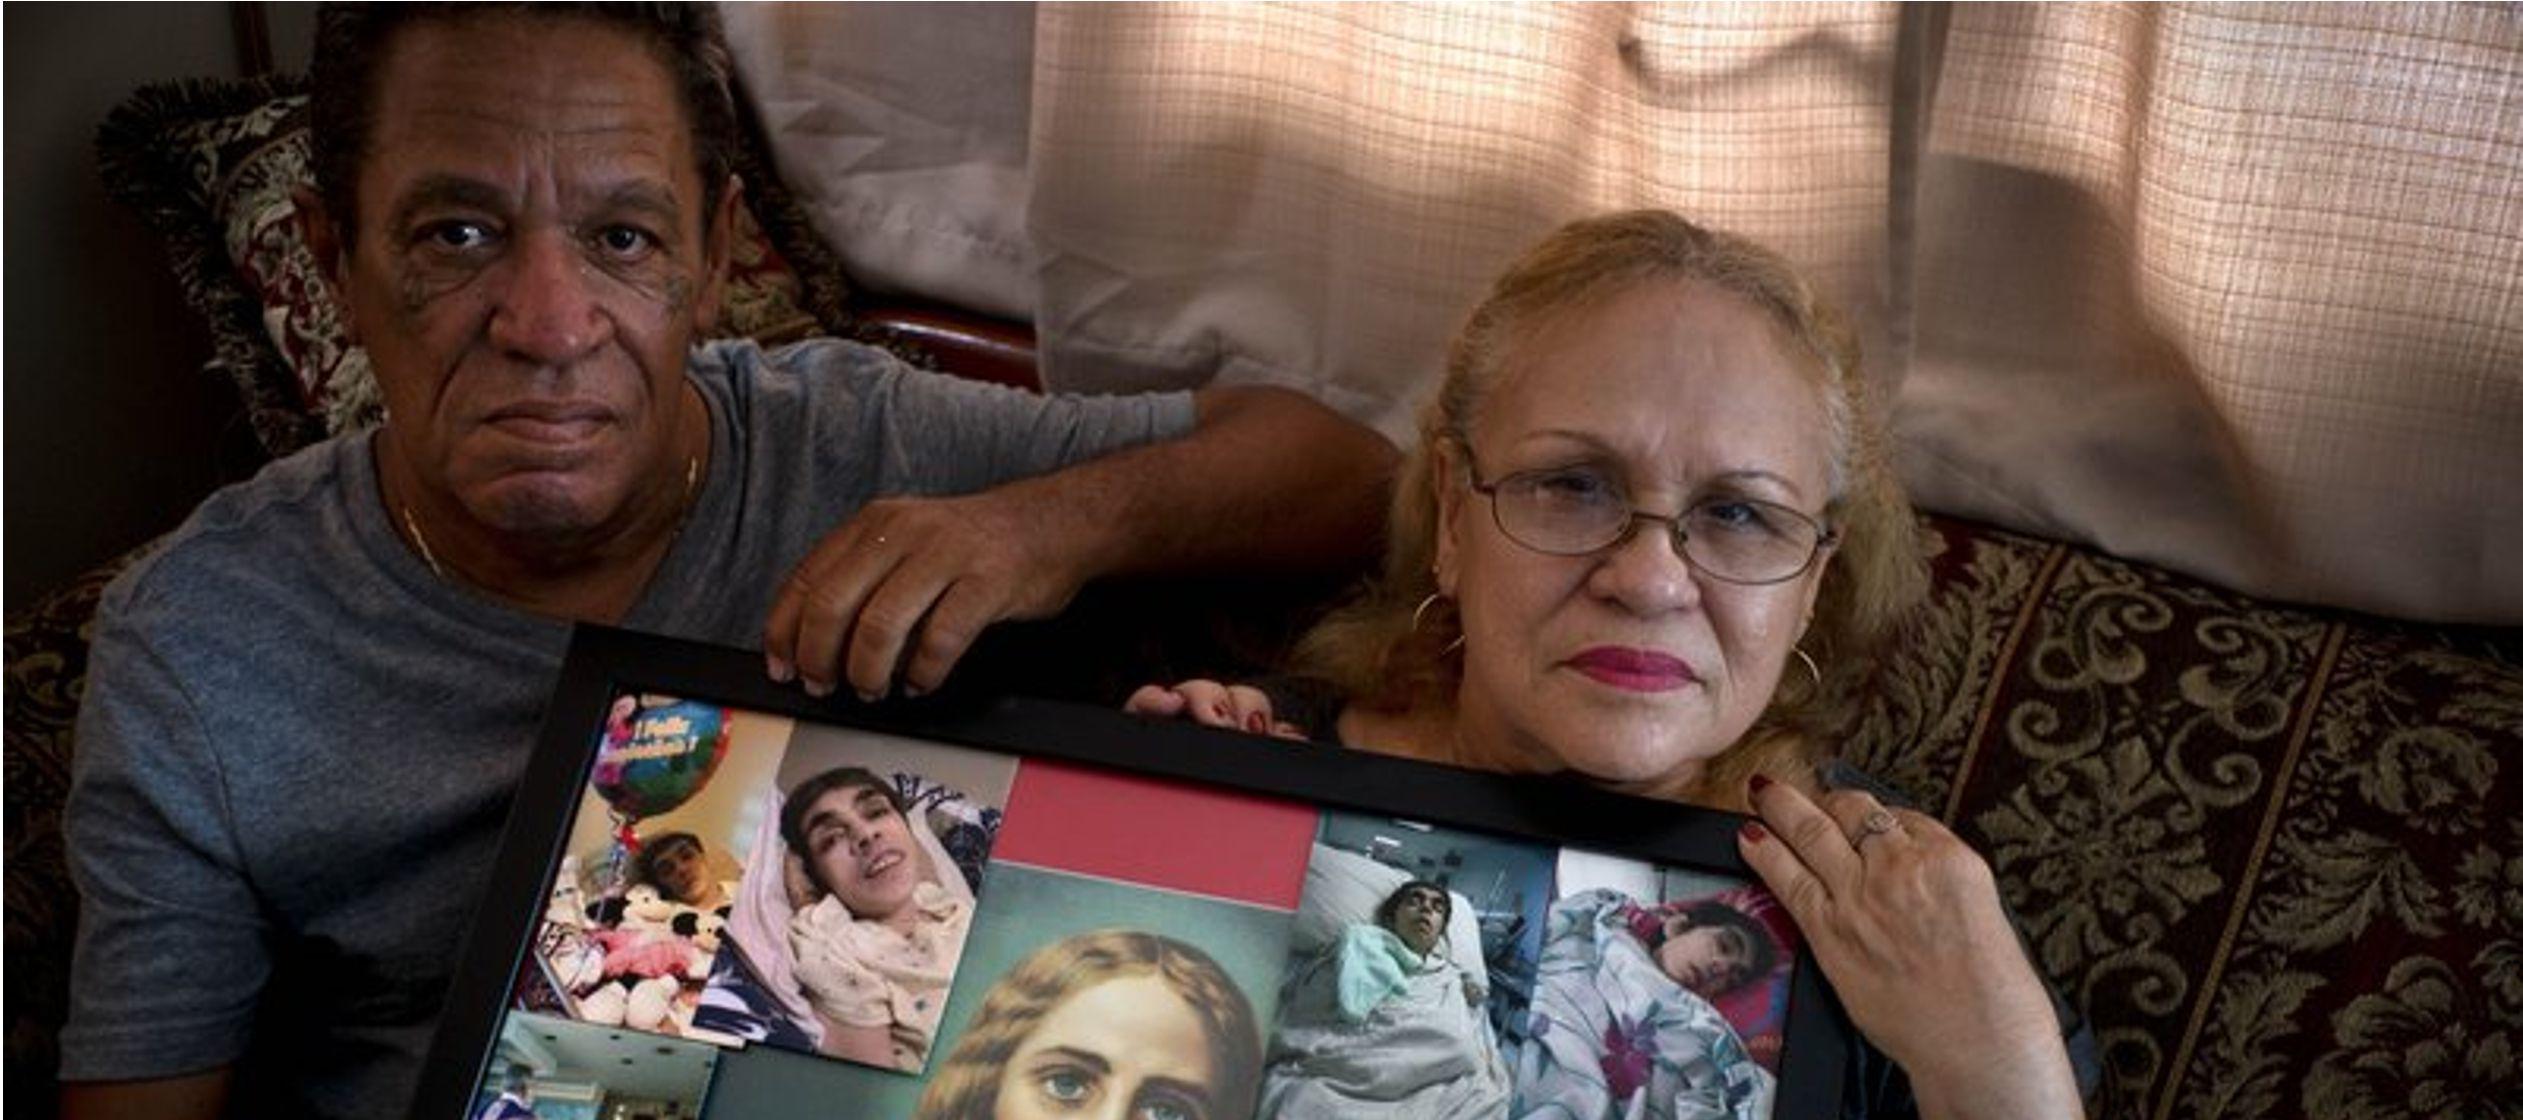 Esta mujer incapacitada de 59 años falleció un mes después de una septicemia,...